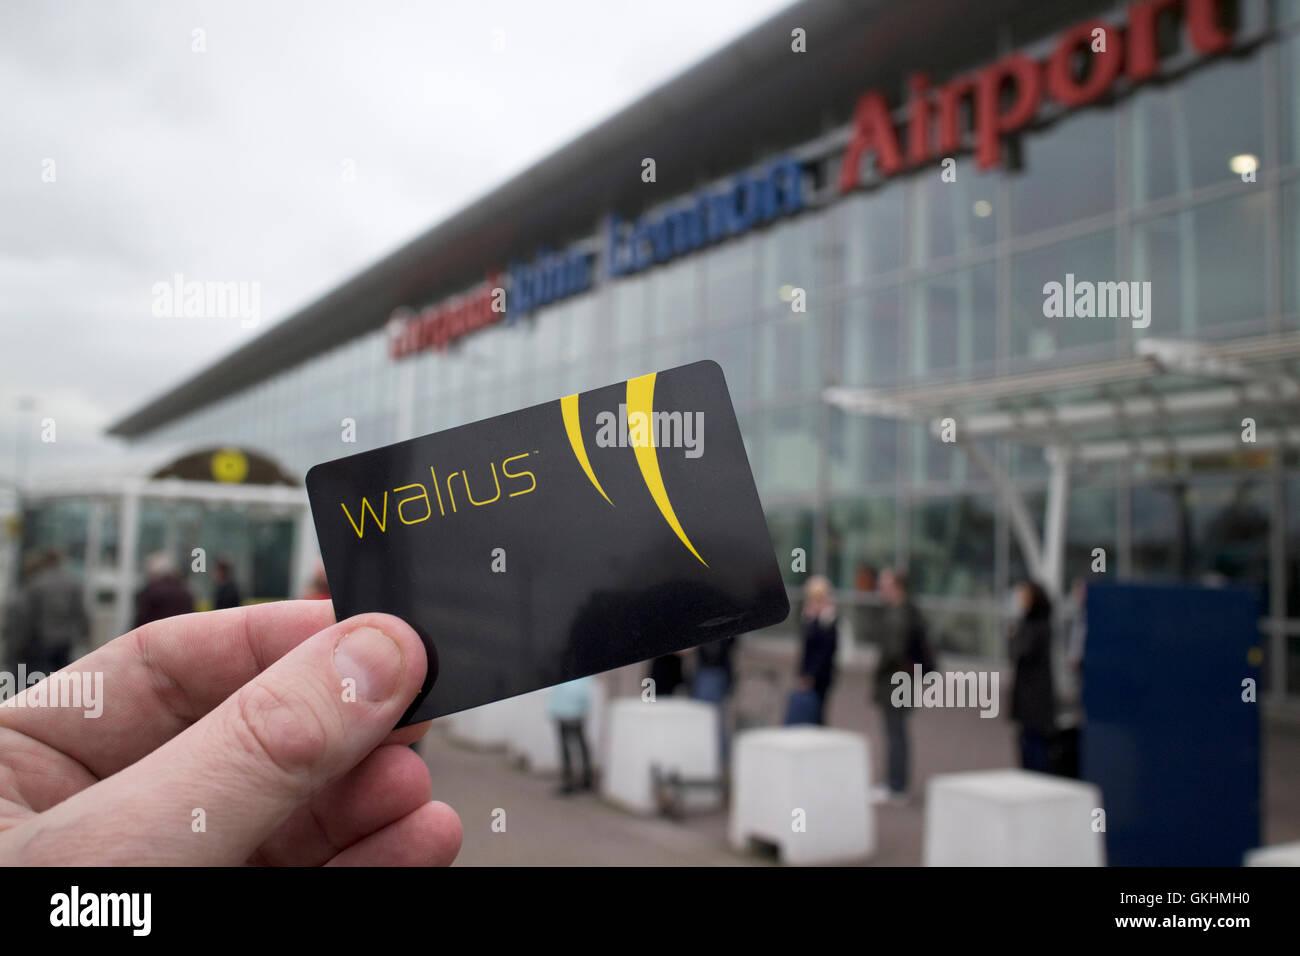 L'uomo azienda merseytravel trichechi scheda smartcard viaggio a Liverpool John Lennon Airport Immagini Stock